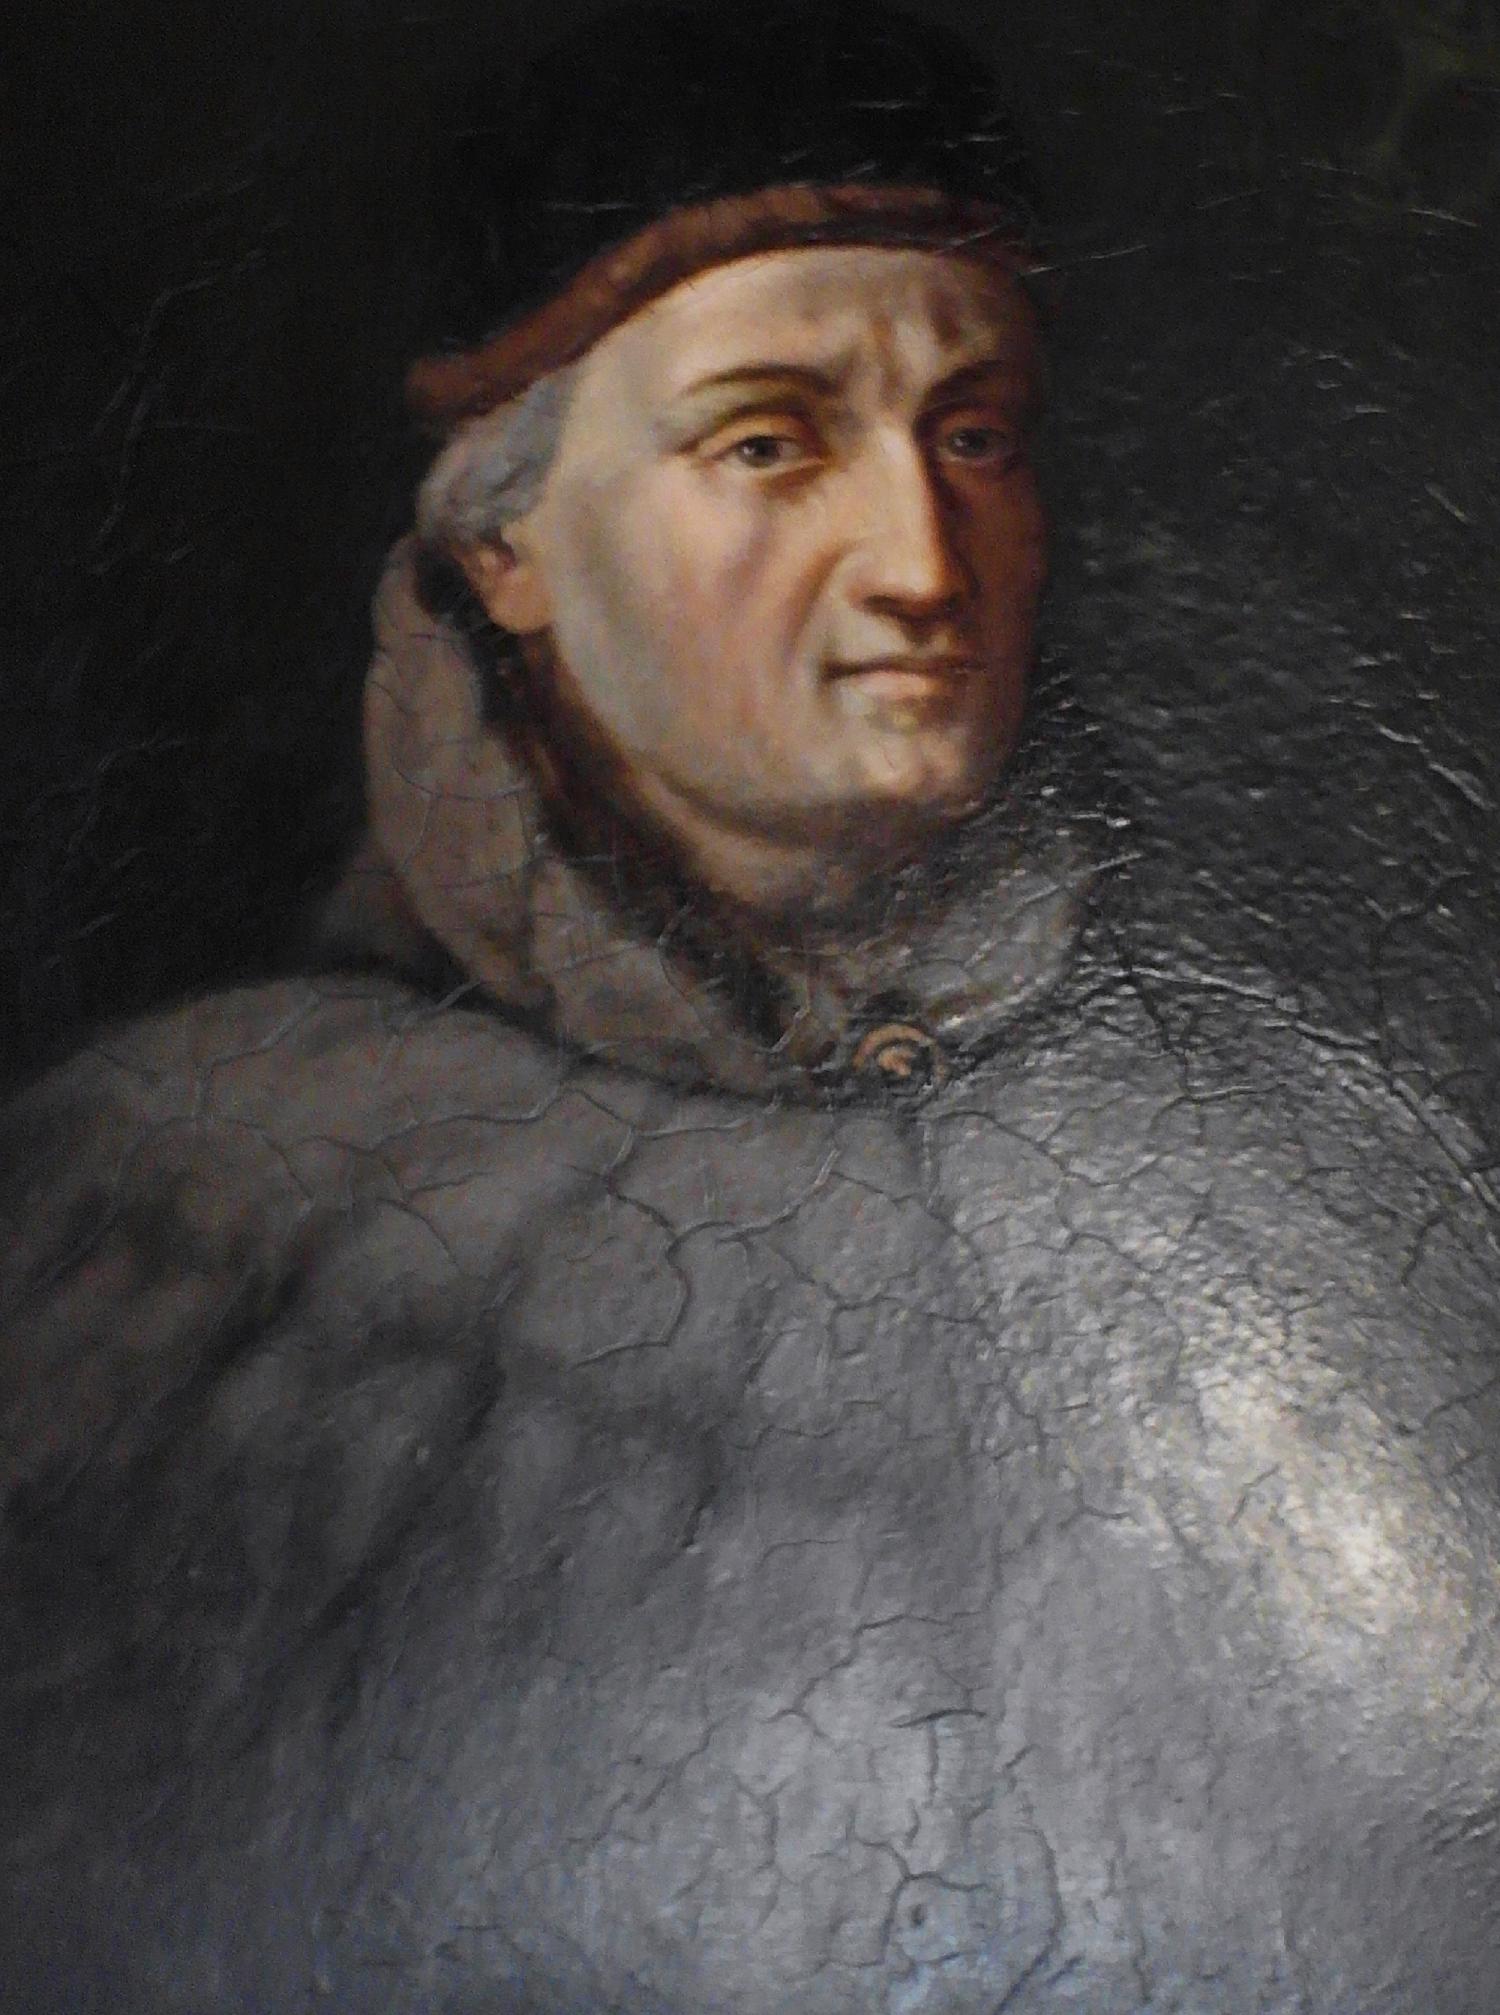 Portret Jana Długosza stworzony przez Władysława Łuszczkiewicza (fot. Wikipedia)